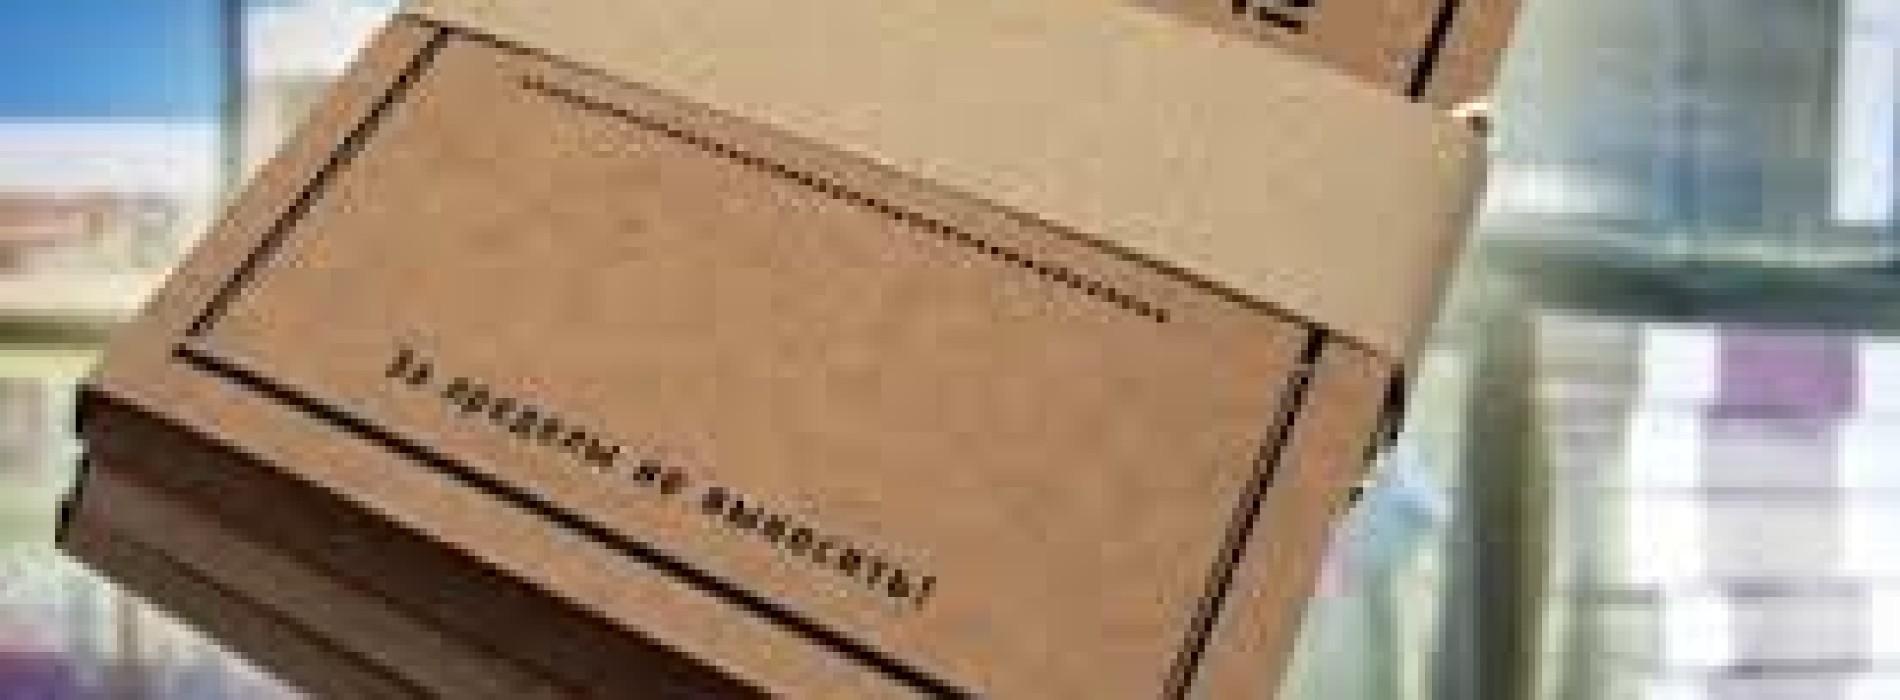 В ГАСКе Кызылординской области чиновники признались в получении взятки